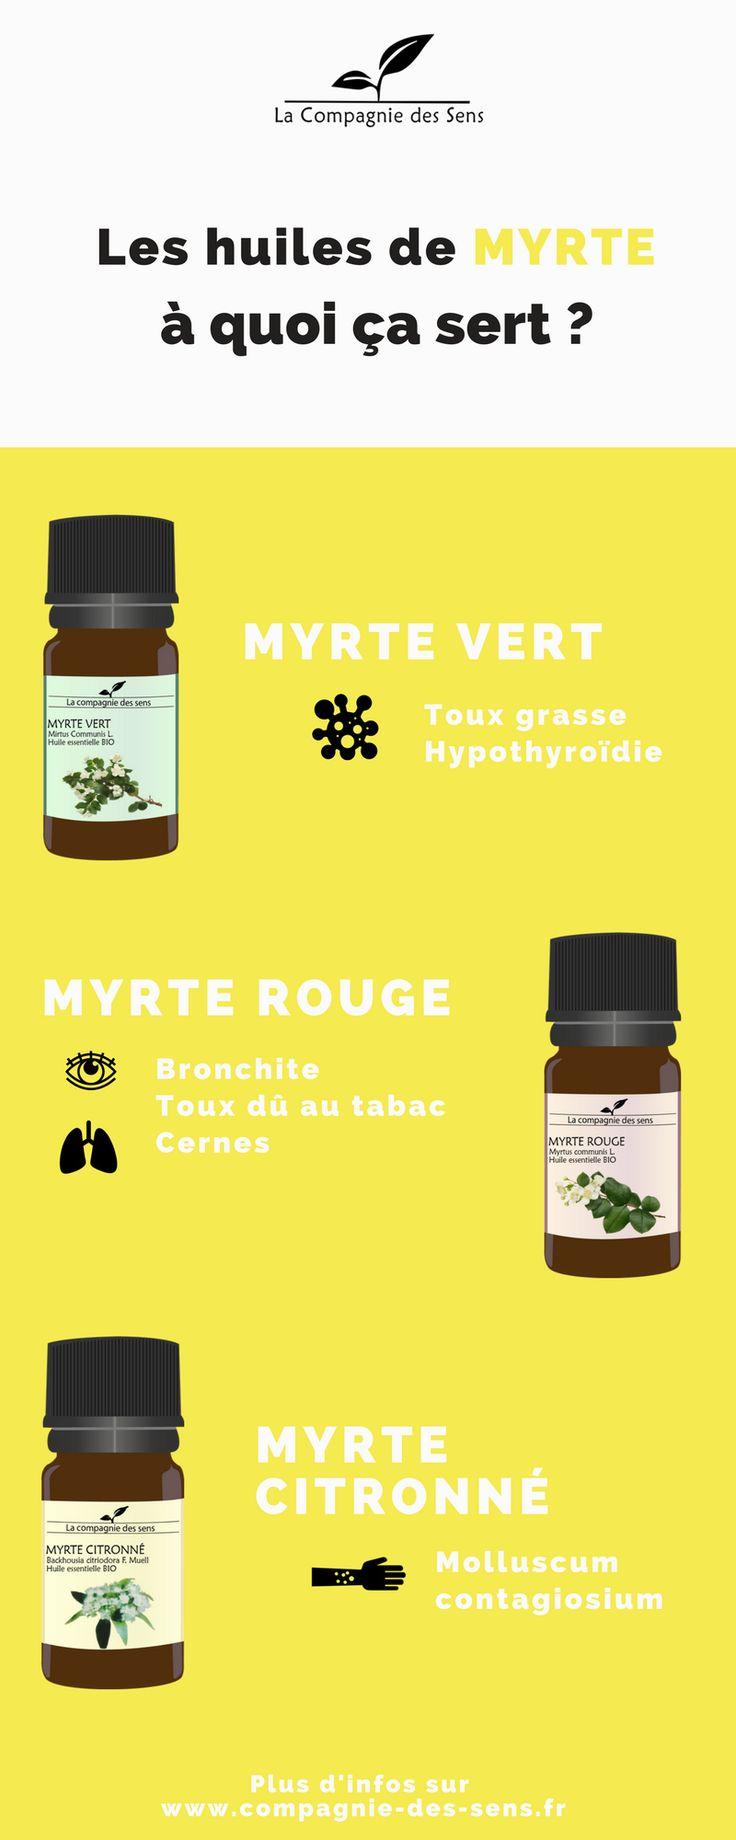 Le Myrte est lui un arbuste haut de 2 à 3 m, et fait partie de la famille des Myrtaceae. Pour les plus coriaces, ils pourront vivre jusqu'à 300 ans ! Les huiles essentielles de Myrte ont des spécificités différentes et vous pouvez en savoir un peu directement sur notre site internet ! #huilesessentielles #myrte #myrtecitronne #myrtevert #myrterouge La Compagnie des Sens  Pictogrammes : www.thenounproject.com